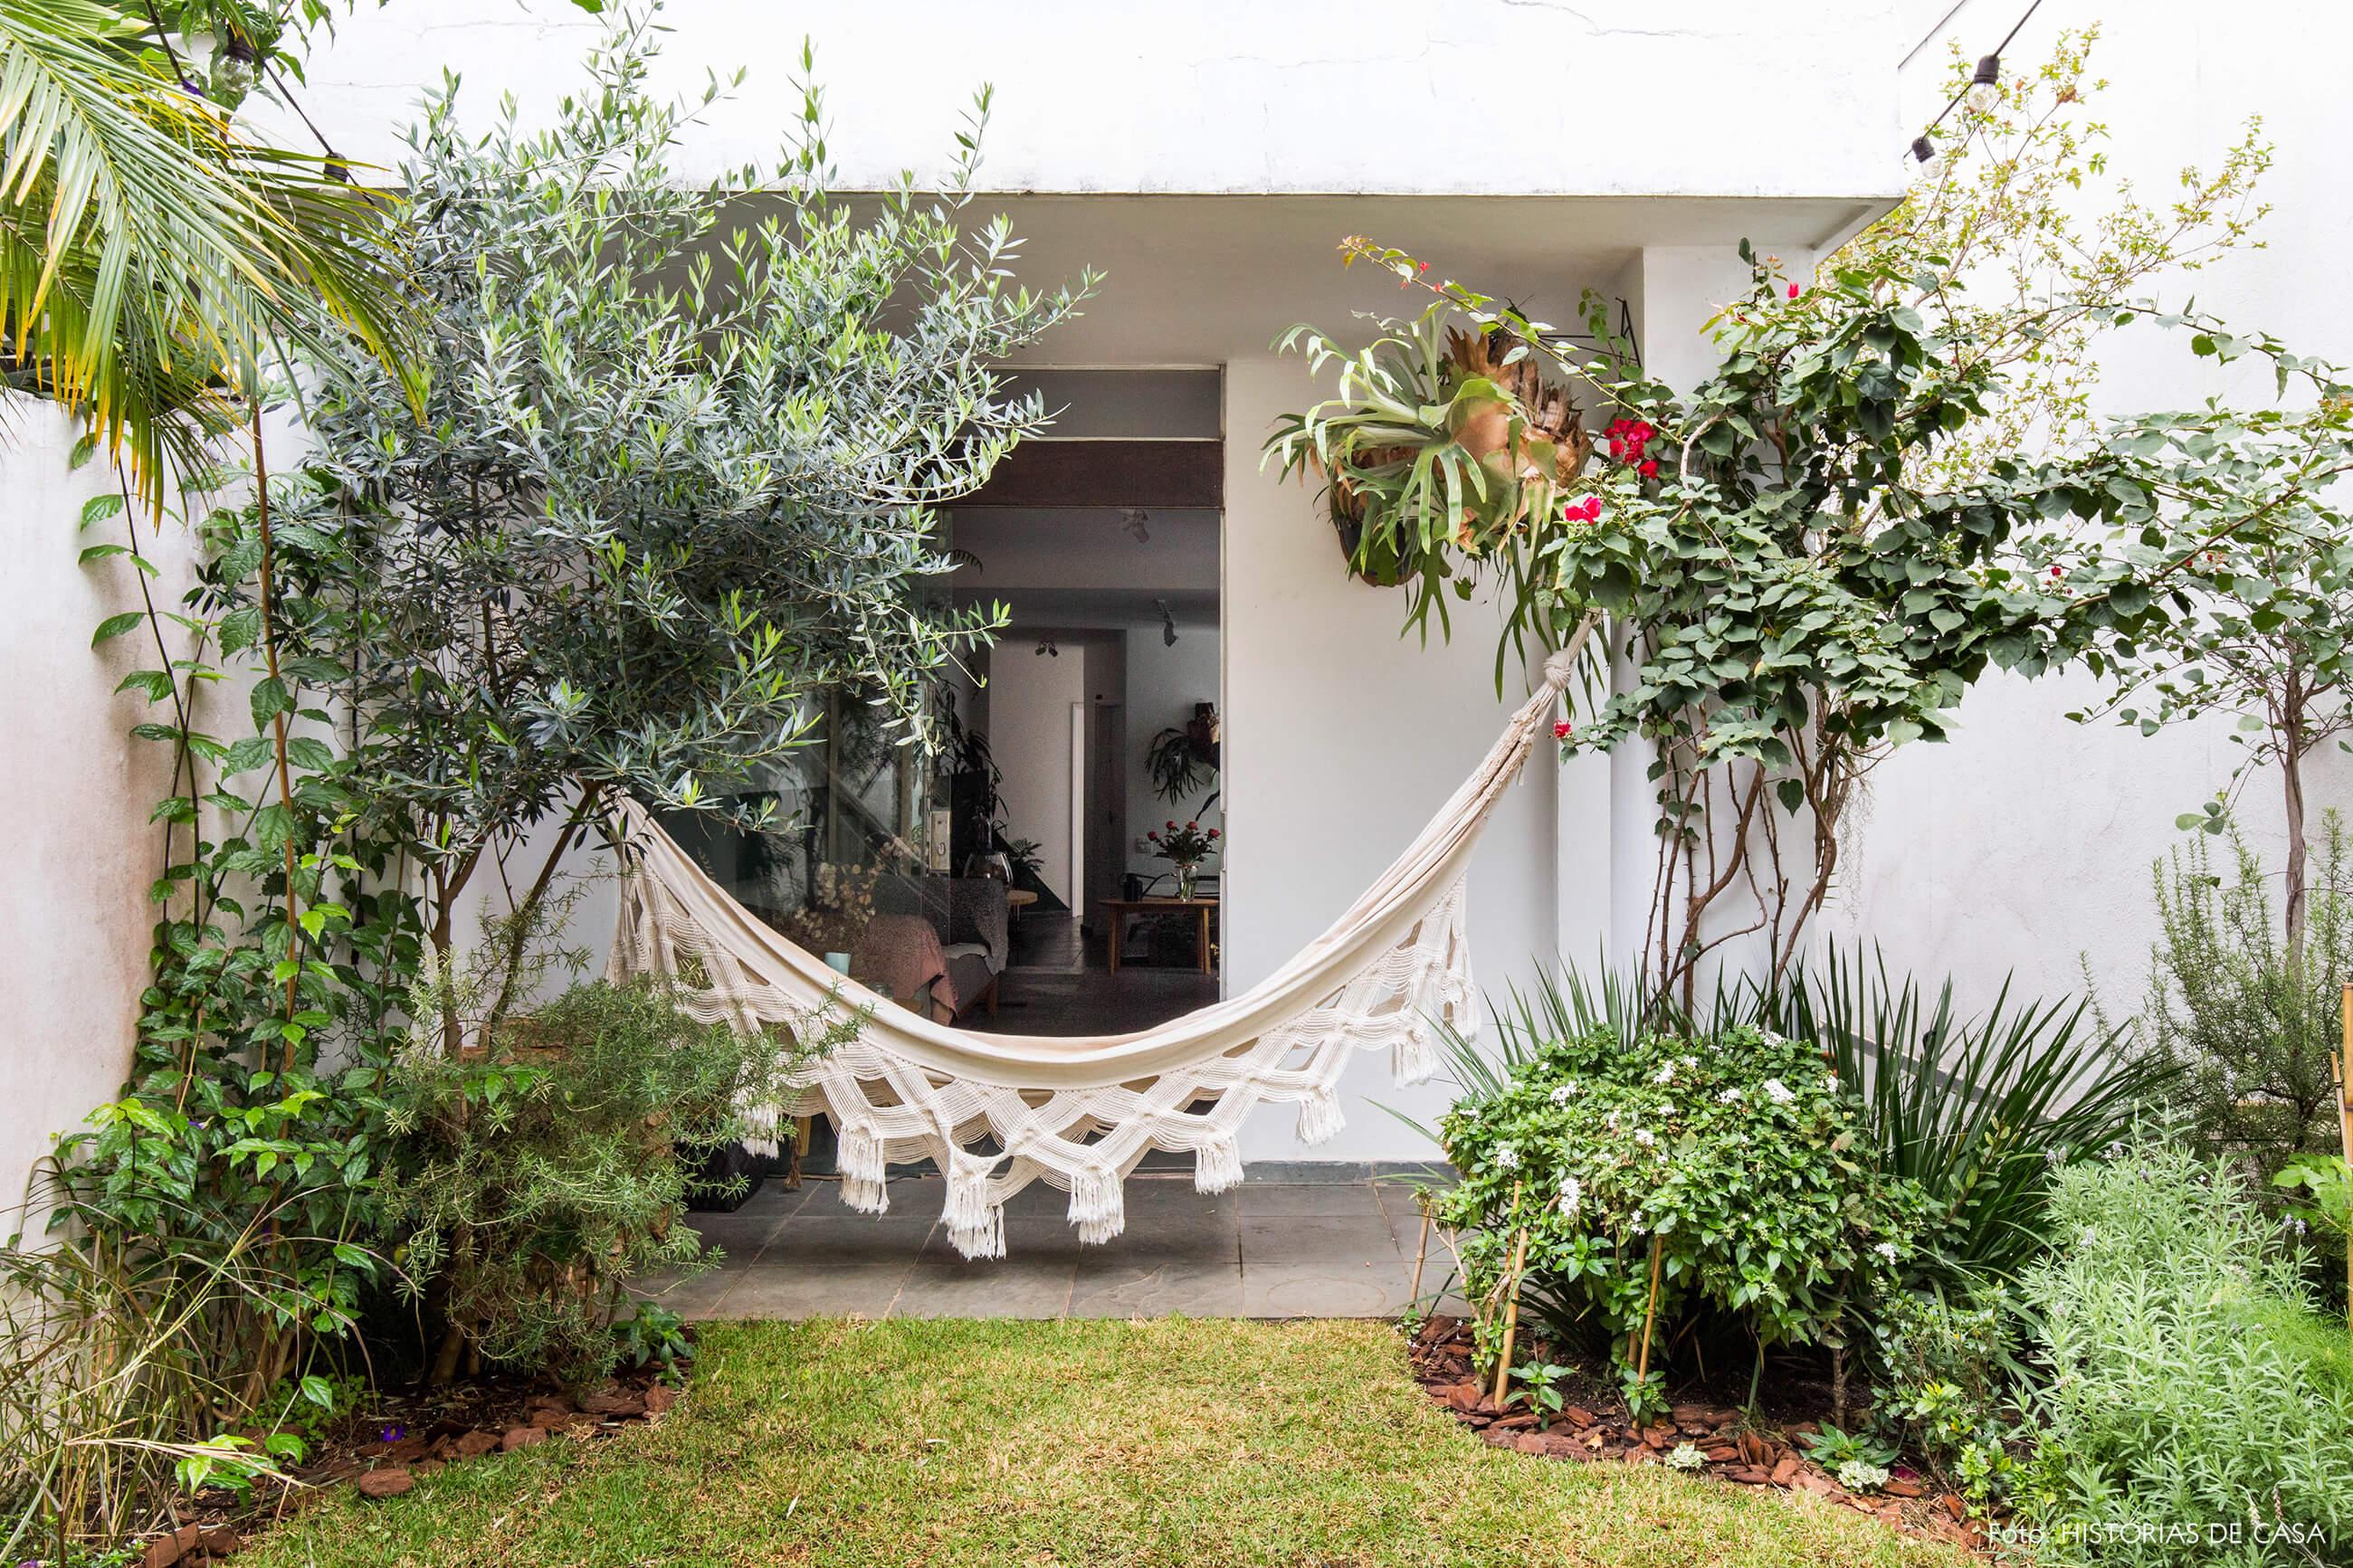 Casa com jardim dos fundos e rede de balanço